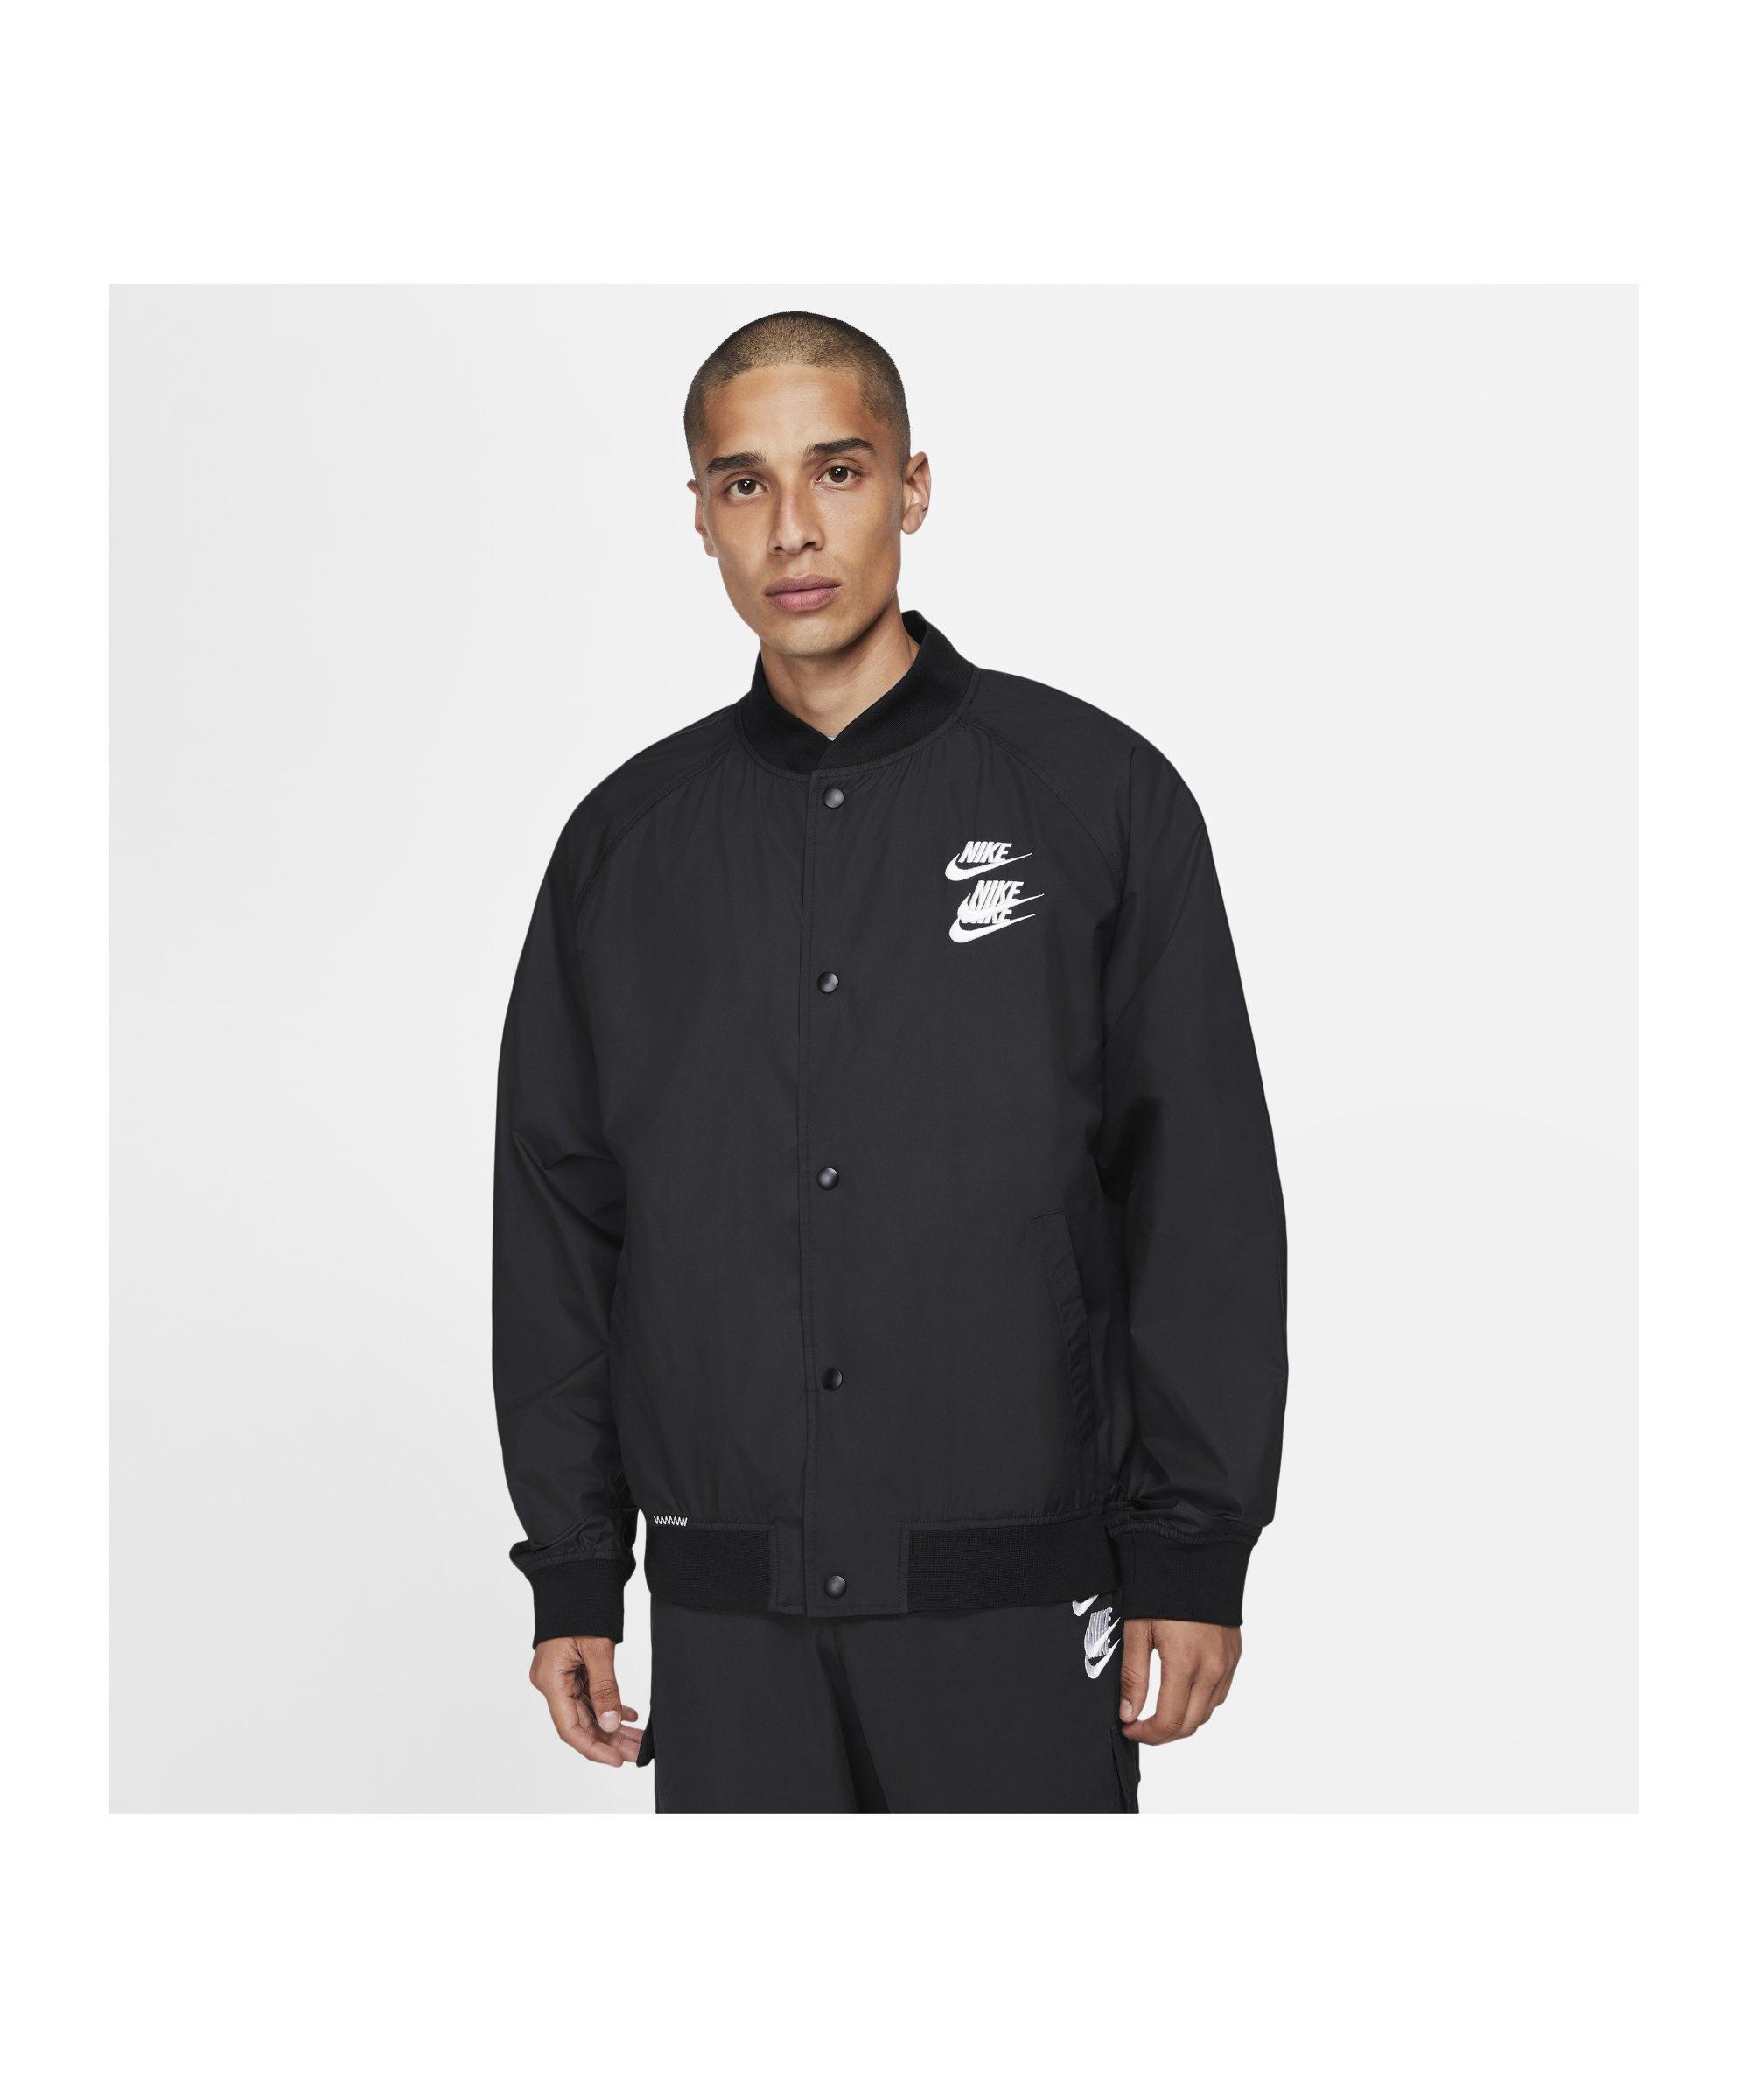 Nike Woven Jacke Schwarz Weiss F010 - schwarz